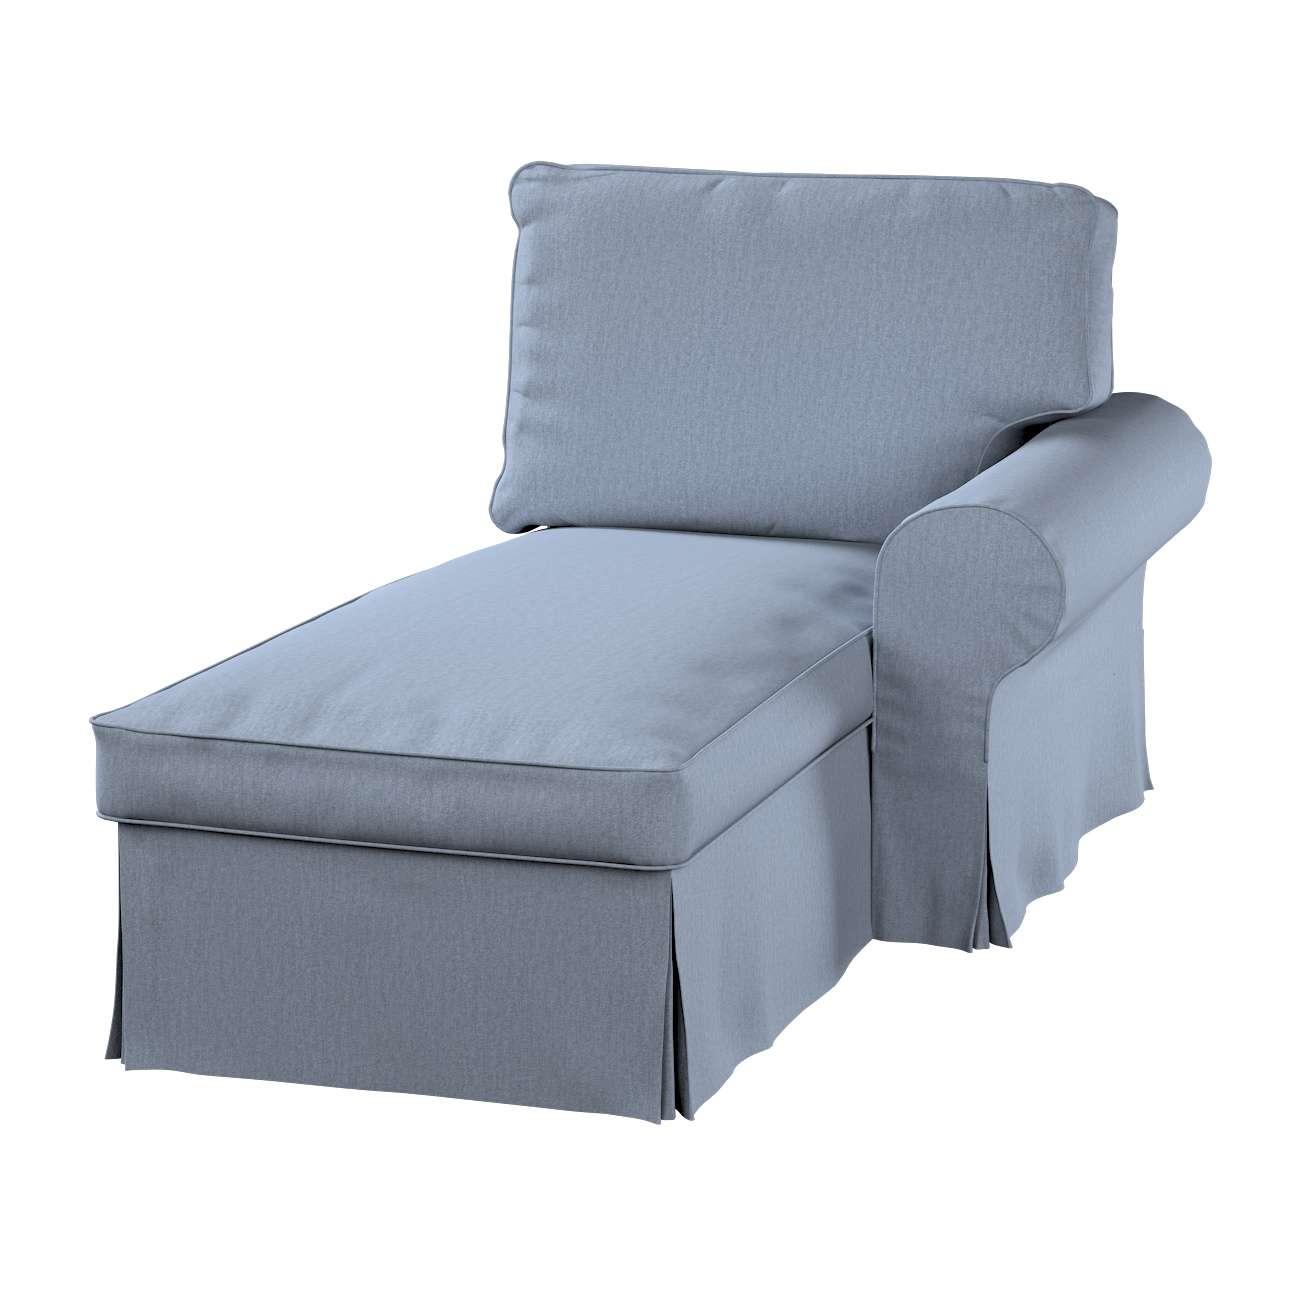 Ektorp gulimajo krėslo užvalkalas  (su porankiu, dešiniojo) Ektorp gulimojo krėslo užvalkalas su porankiu (dešiniojo) kolekcijoje Chenille, audinys: 702-13